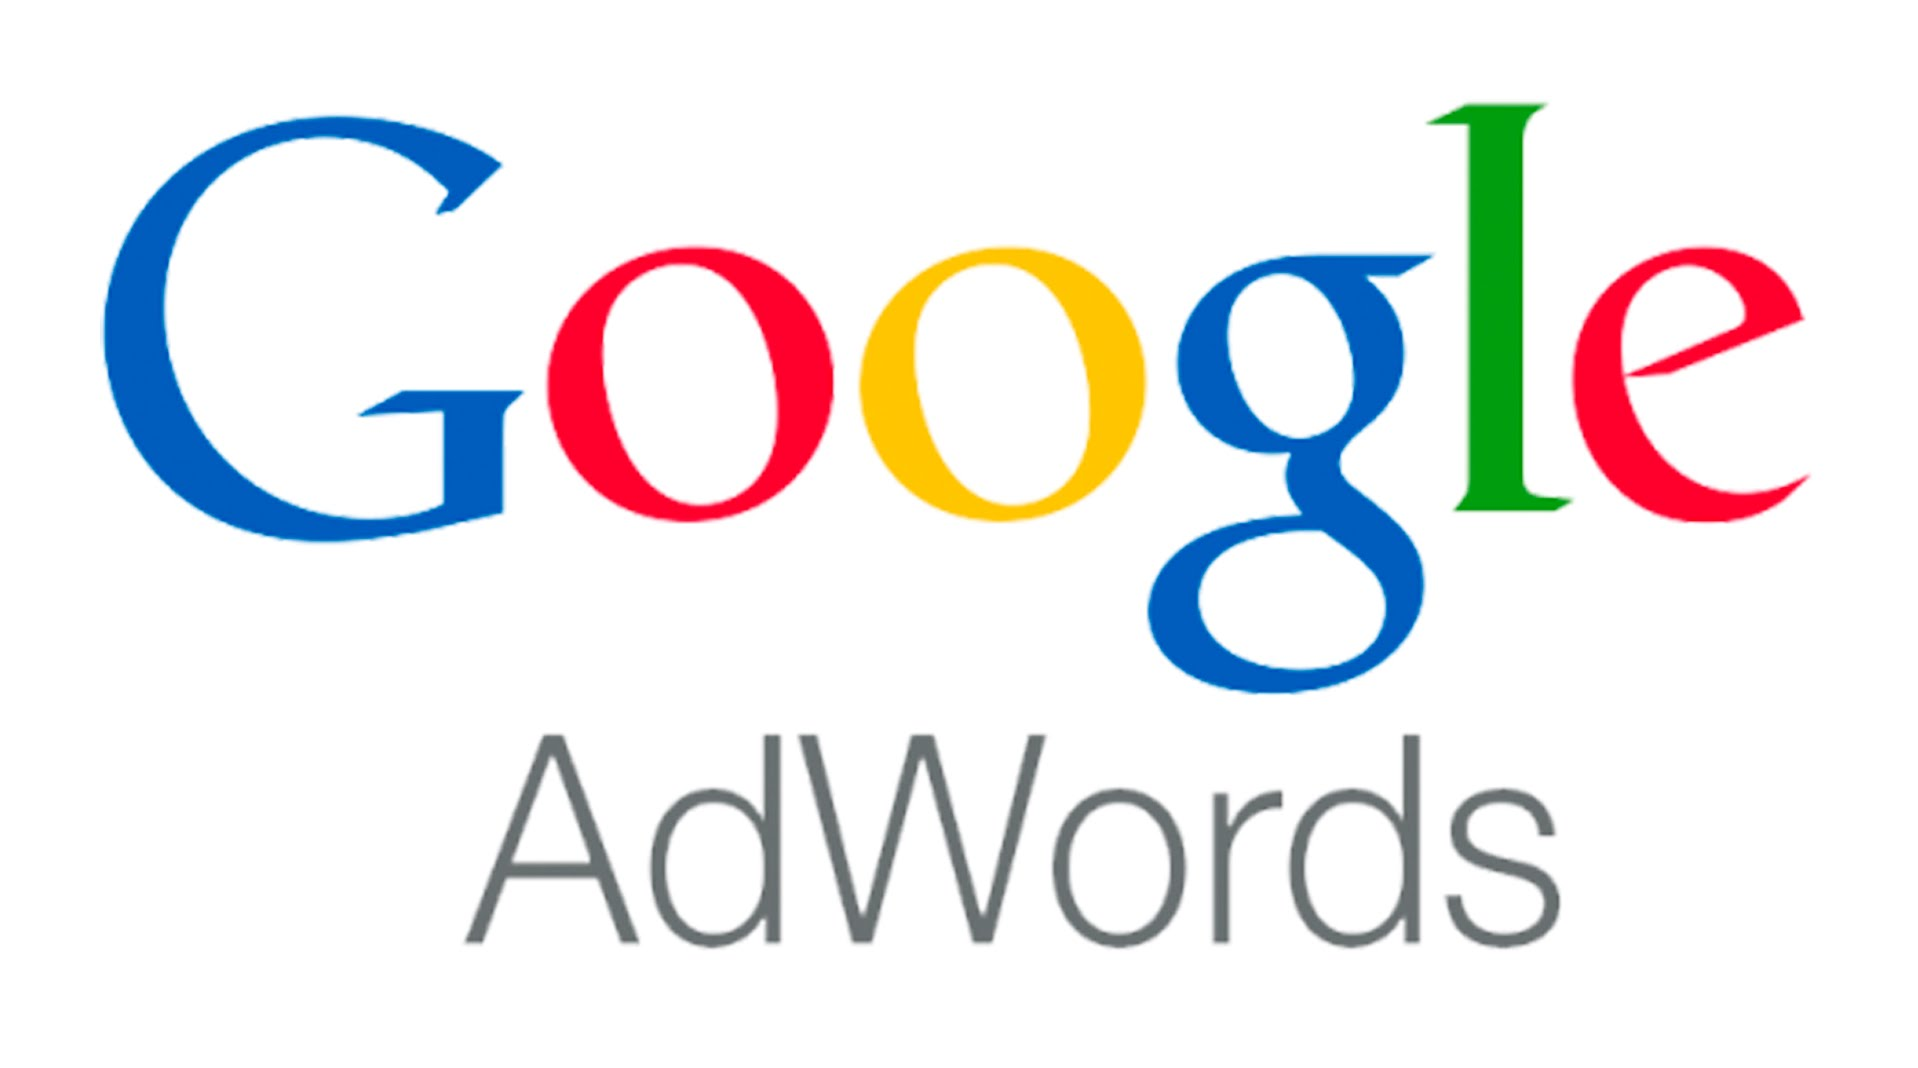 Vì sao doanh nghiệp cần quảng cáo từ khoá Google